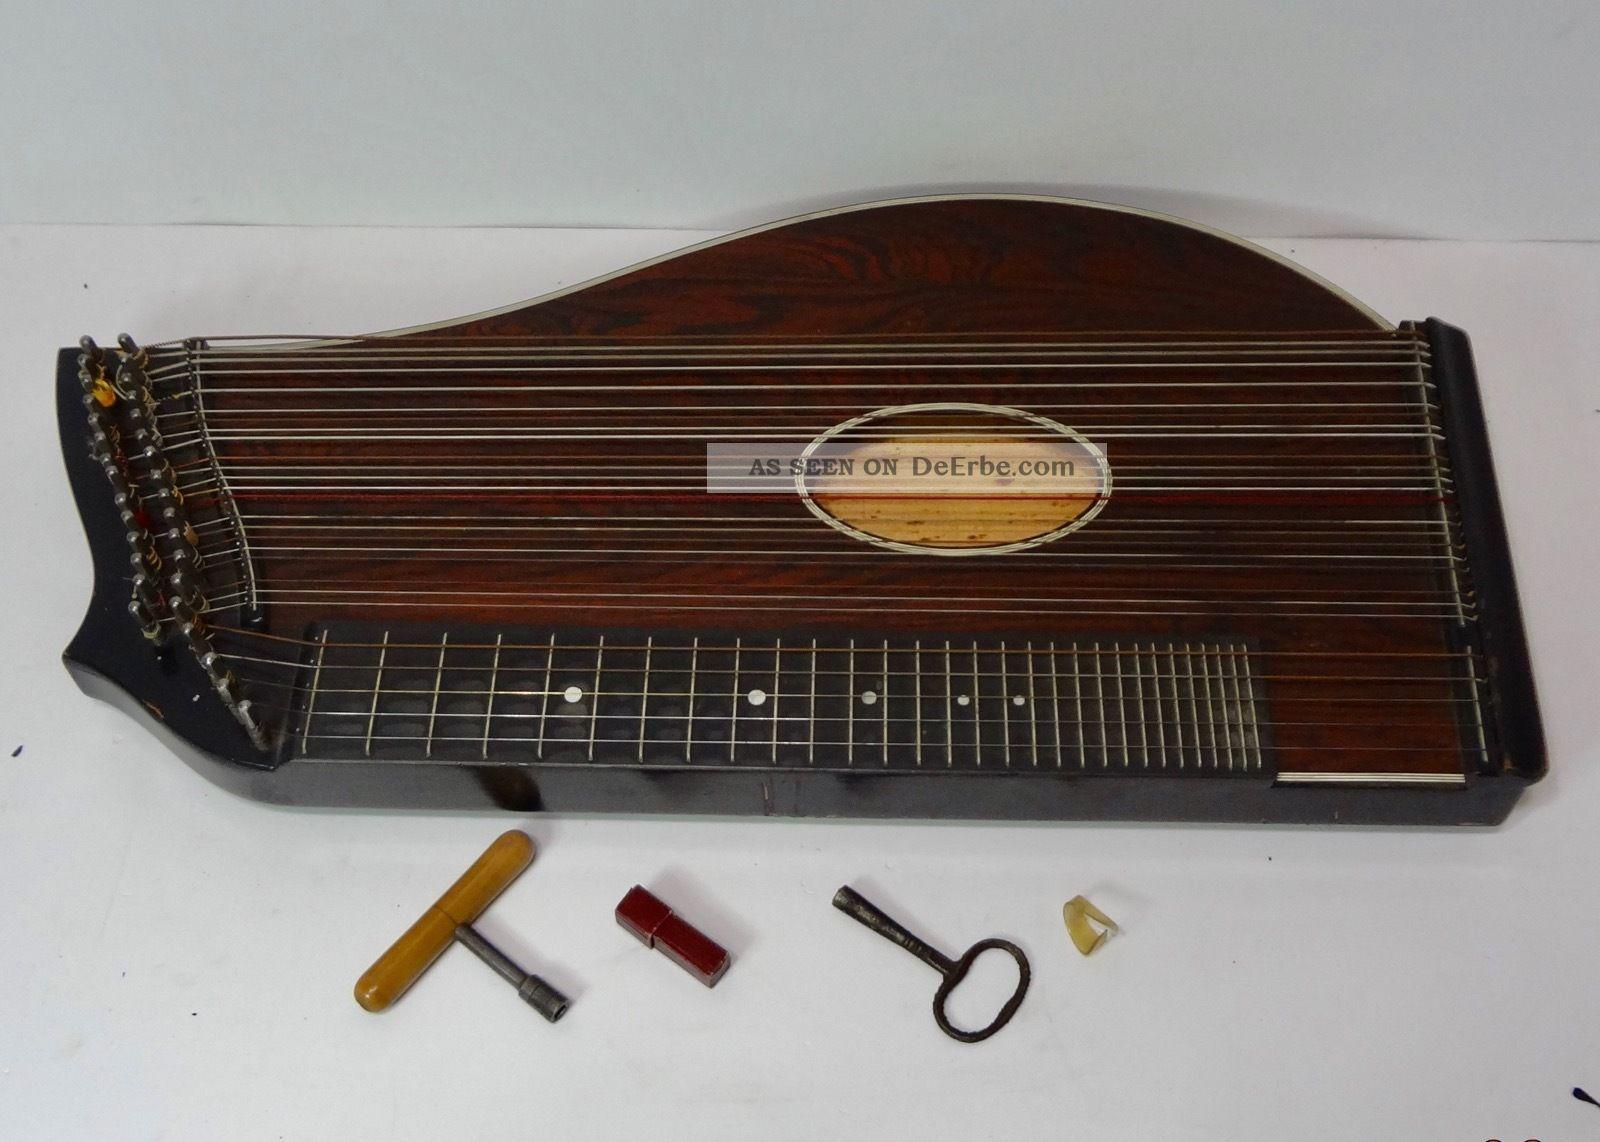 Antike Zither Im Koffer - Um 1900 - 1910 / Alpenländisch - Salzburger Form Musikinstrumente Bild